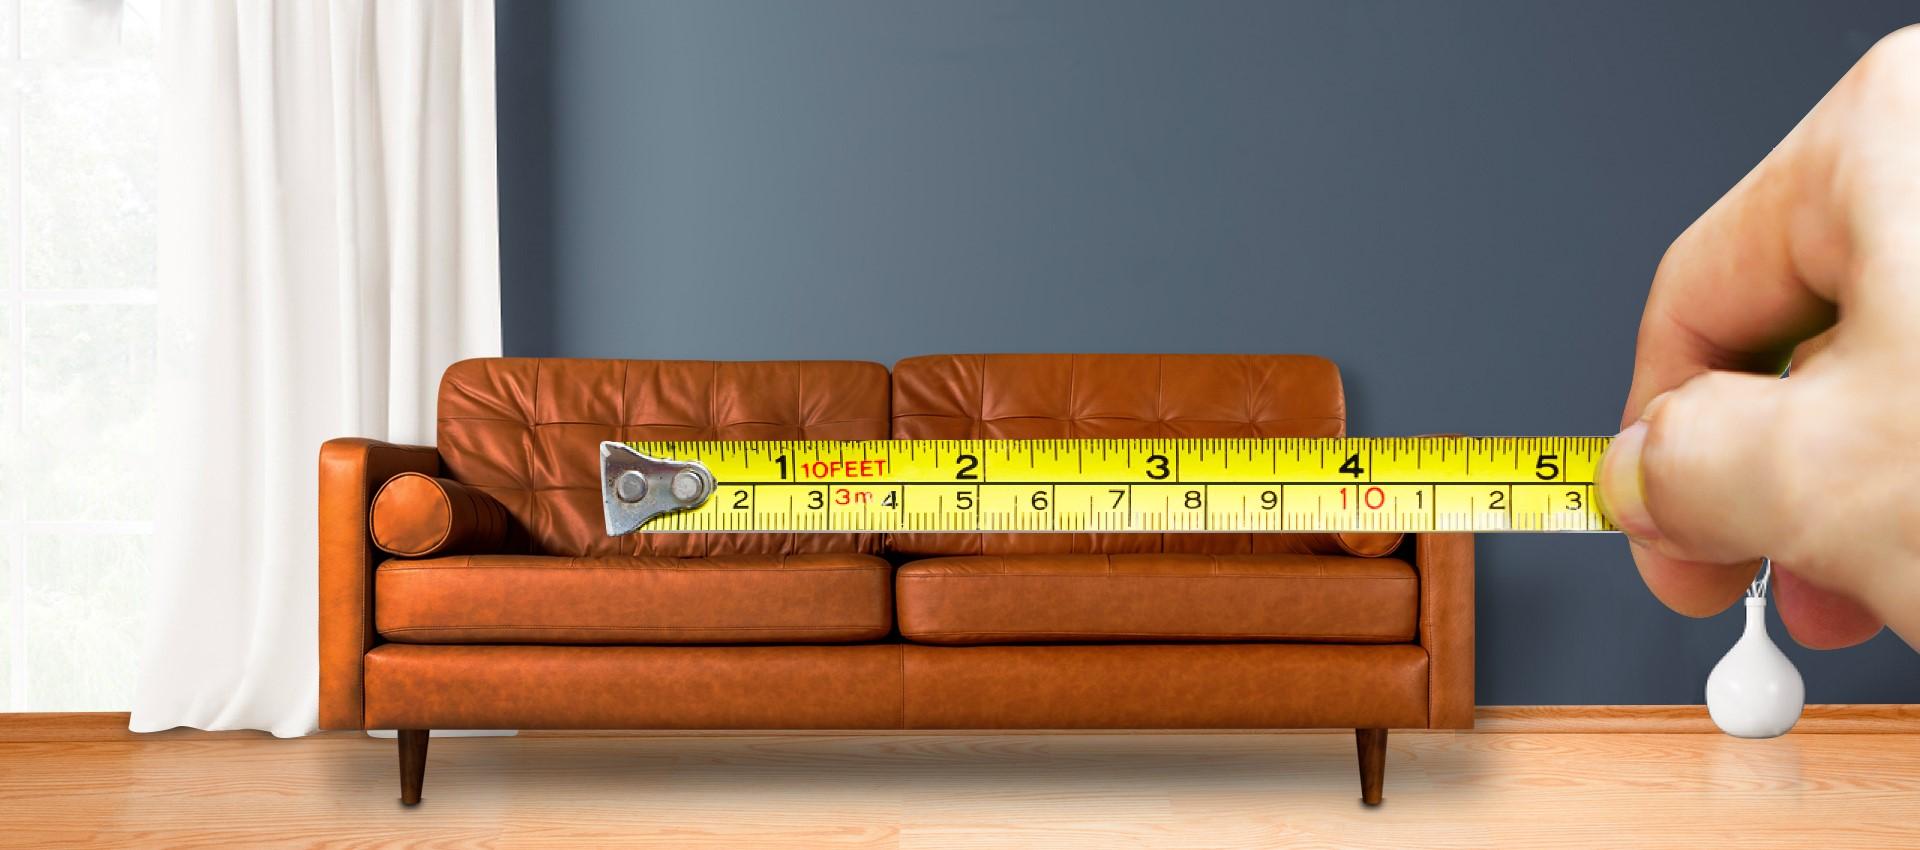 moblum Cómo medir muebles y el espacio disponible medir sillon